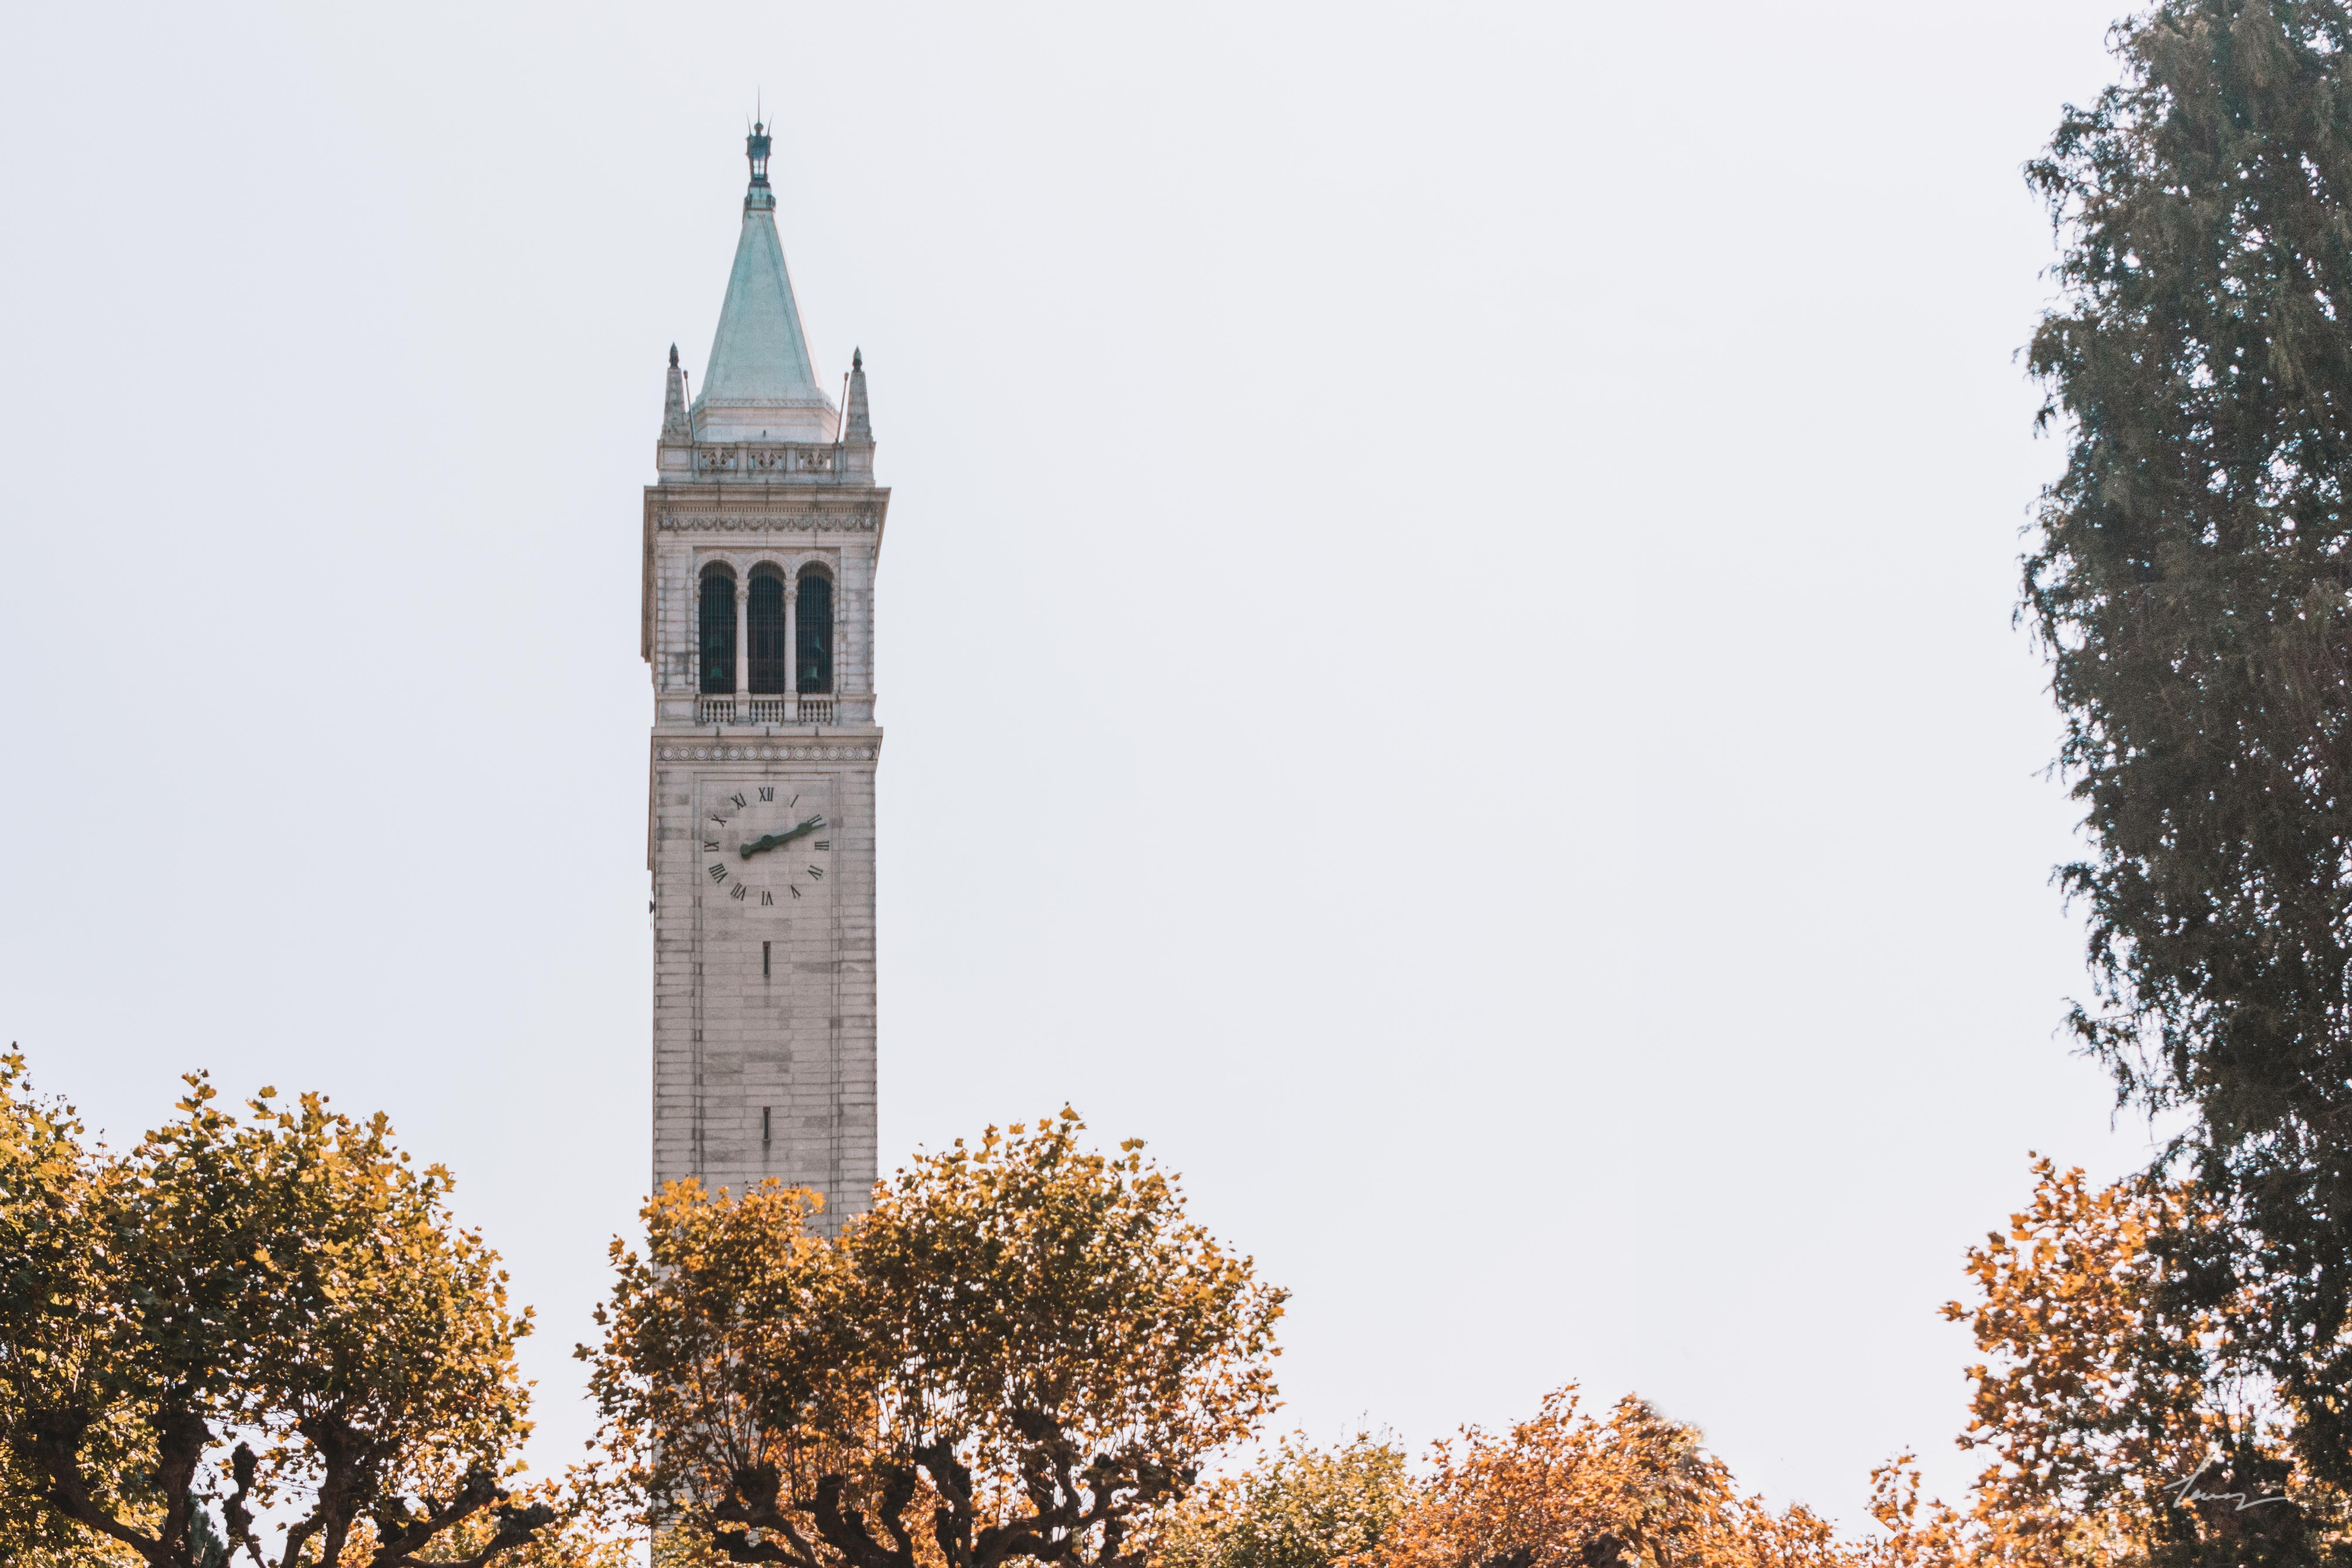 University of California Berkeley - Berkeley, California